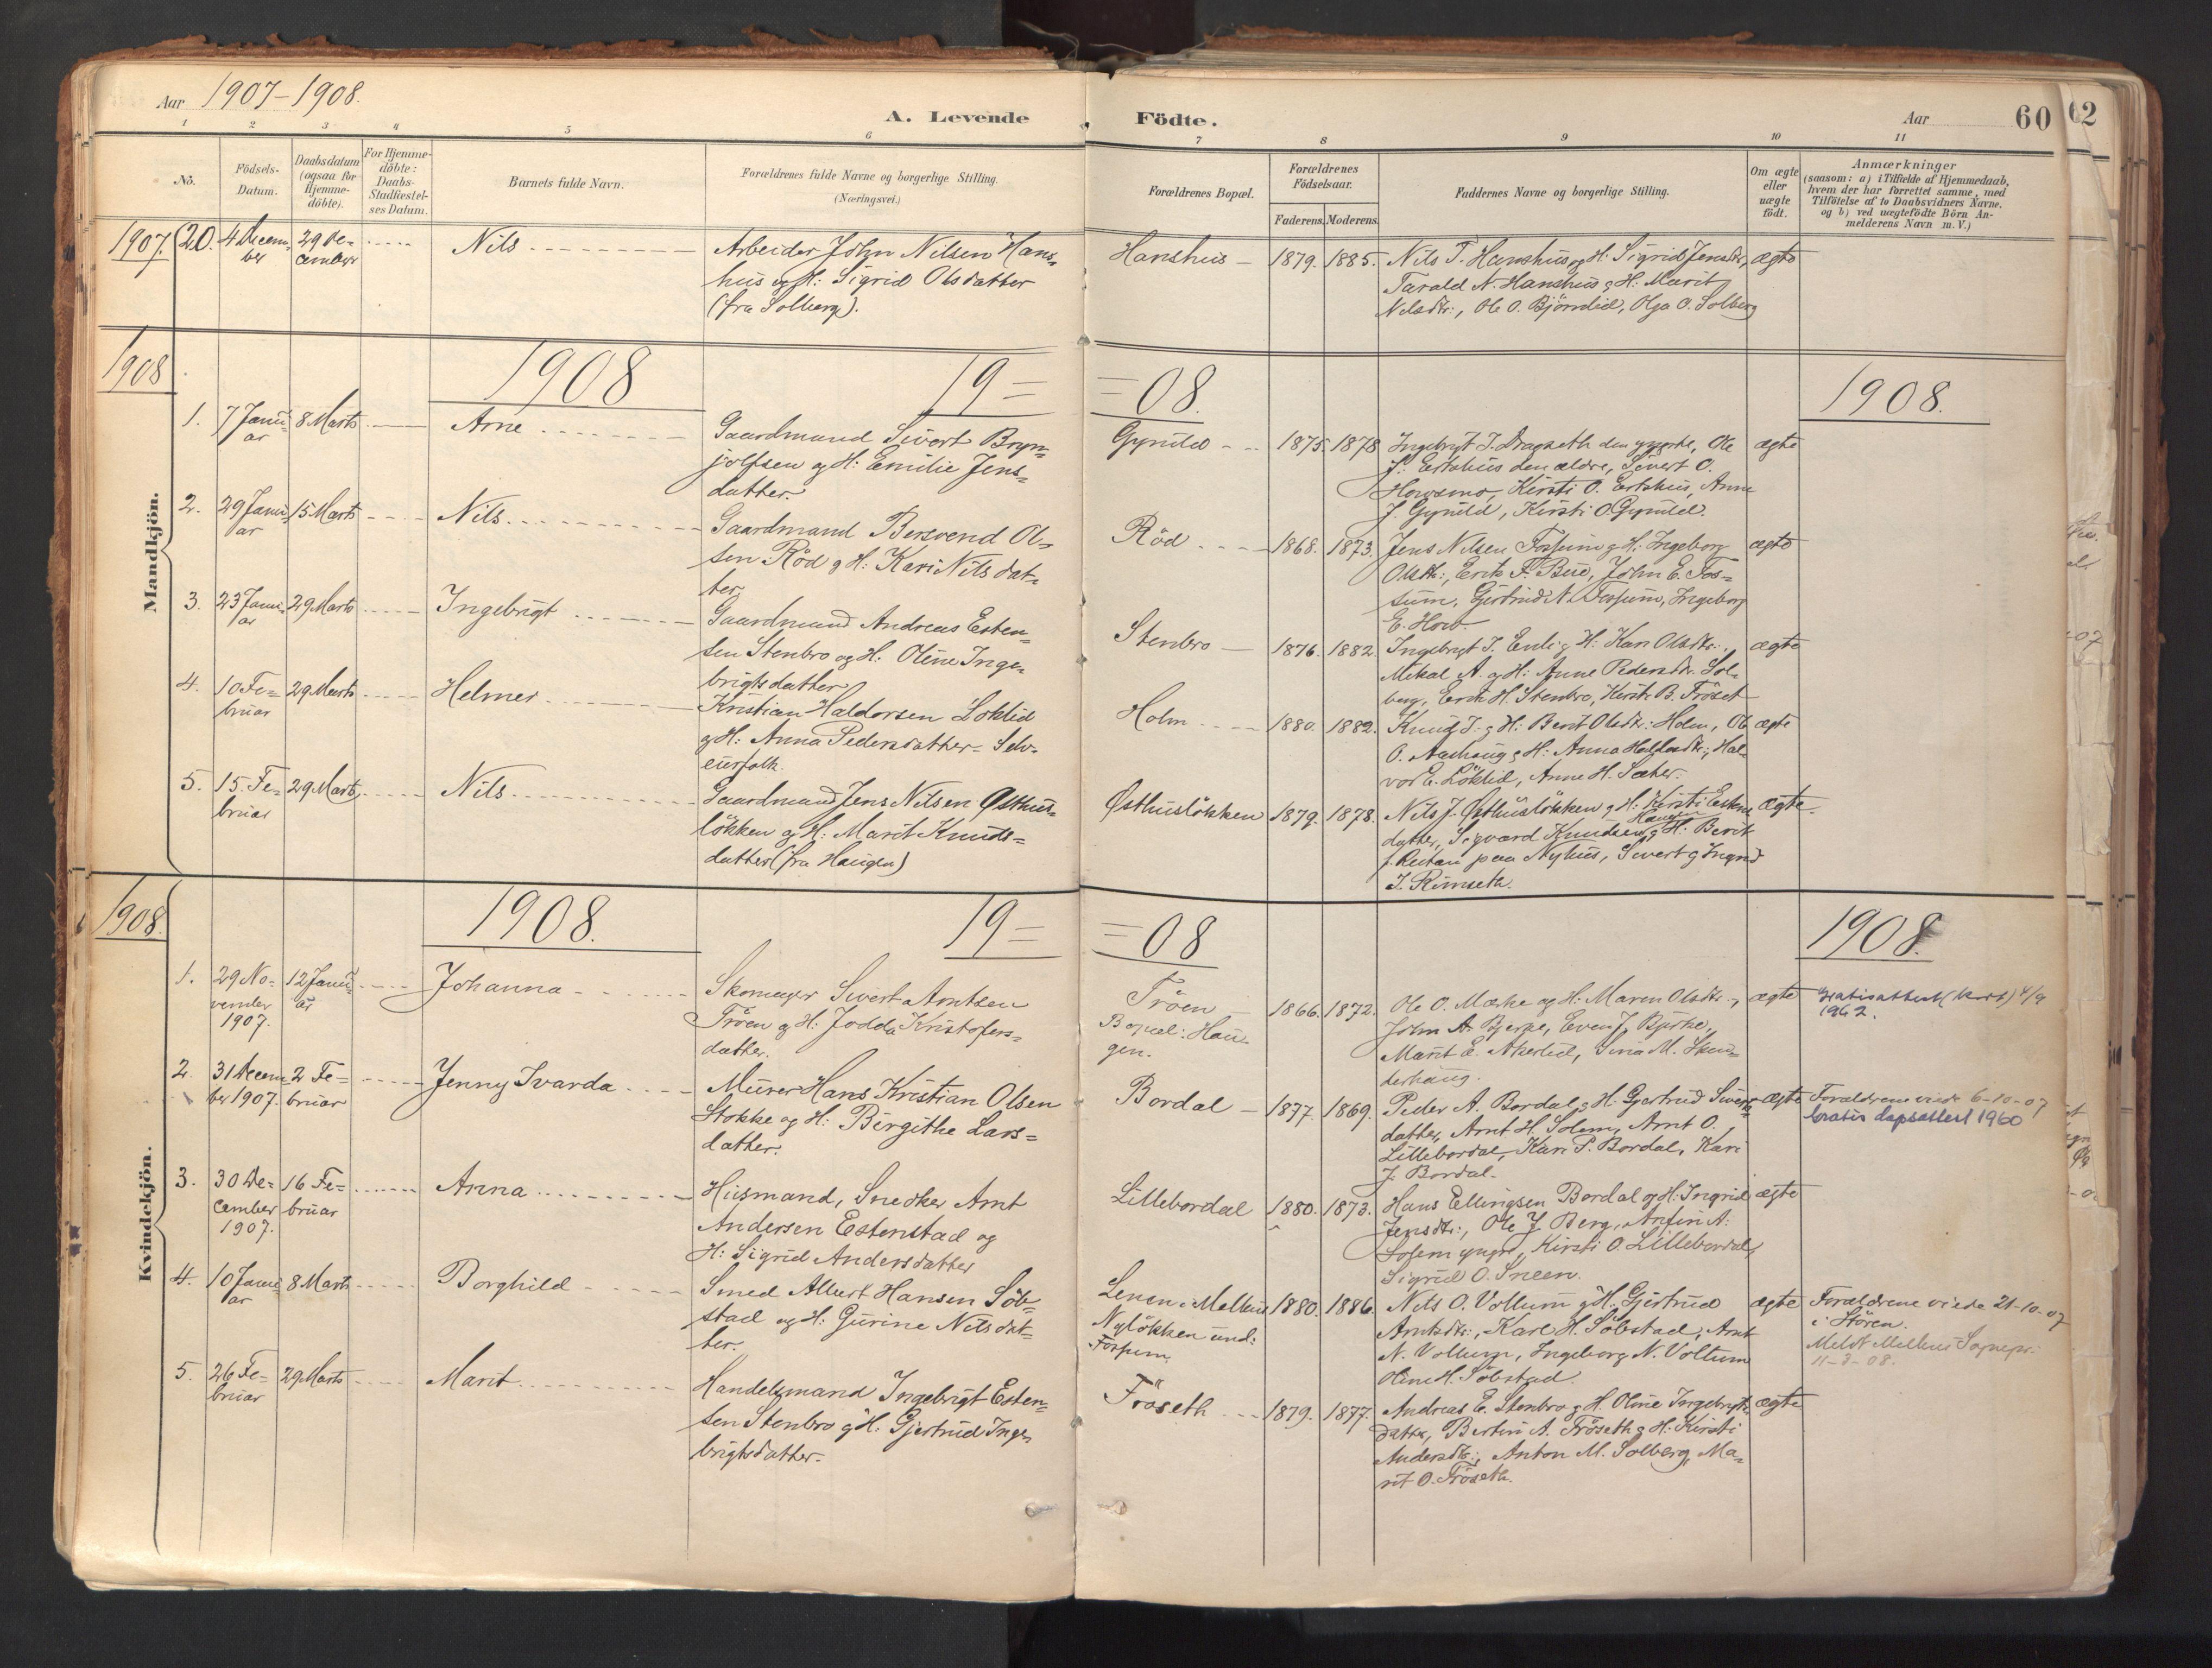 SAT, Ministerialprotokoller, klokkerbøker og fødselsregistre - Sør-Trøndelag, 689/L1041: Ministerialbok nr. 689A06, 1891-1923, s. 60